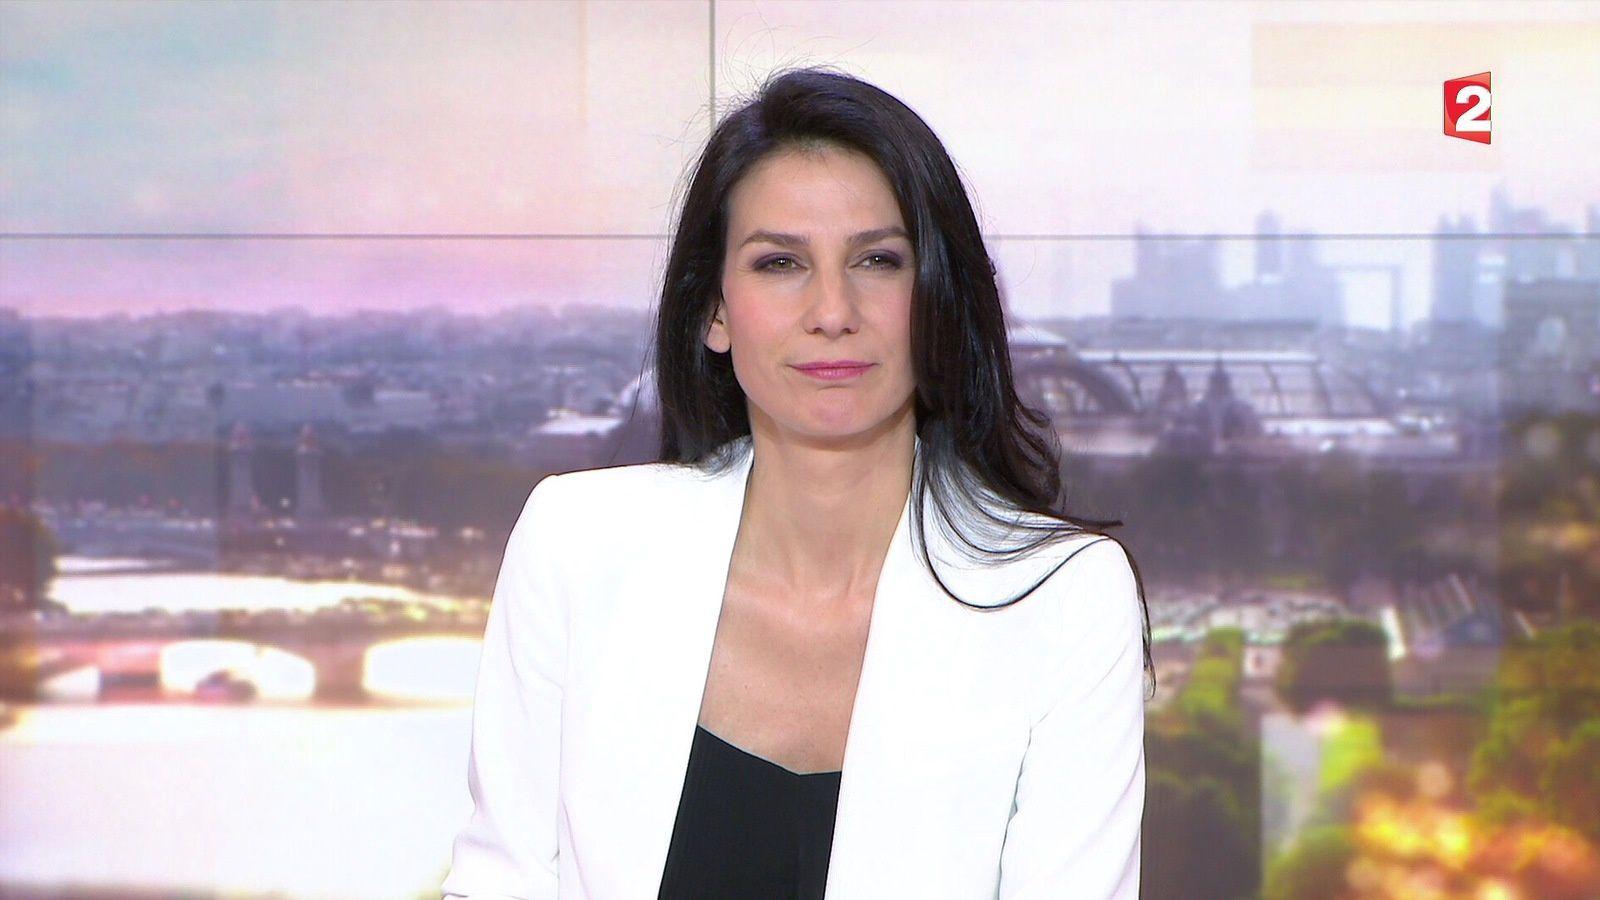 LE 20H WEEK-END de MARIE DRUCKER le 2016 06 17 sur FRANCE 2